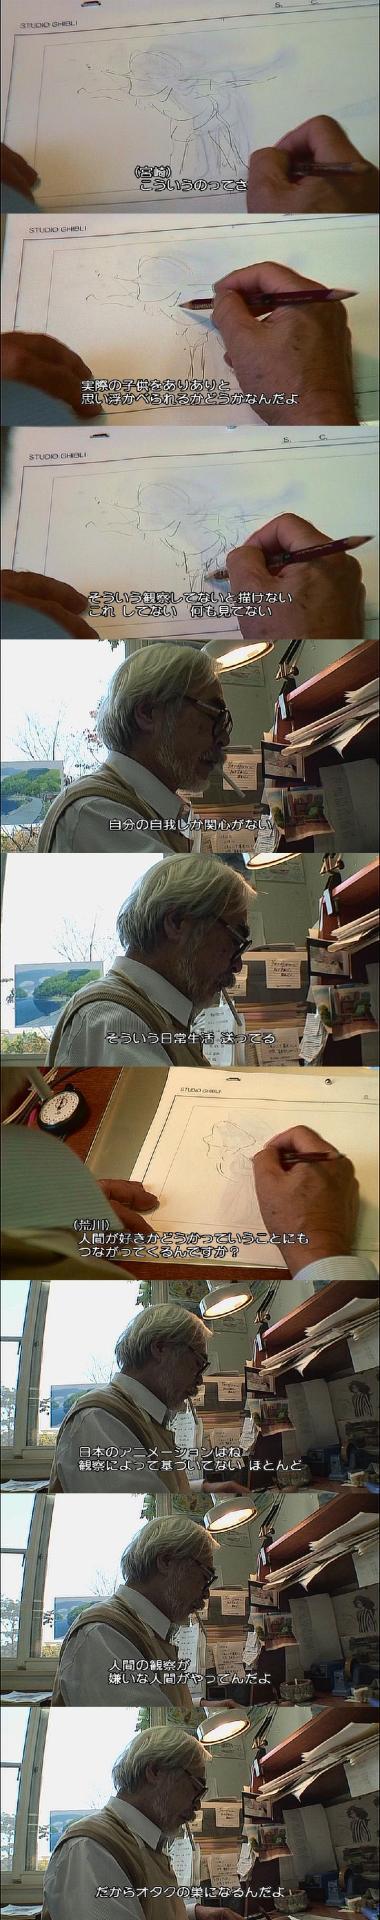 宮崎駿「日本のアニメは人間観察できないやつが作ってる。だからオタクの巣になるんだ」